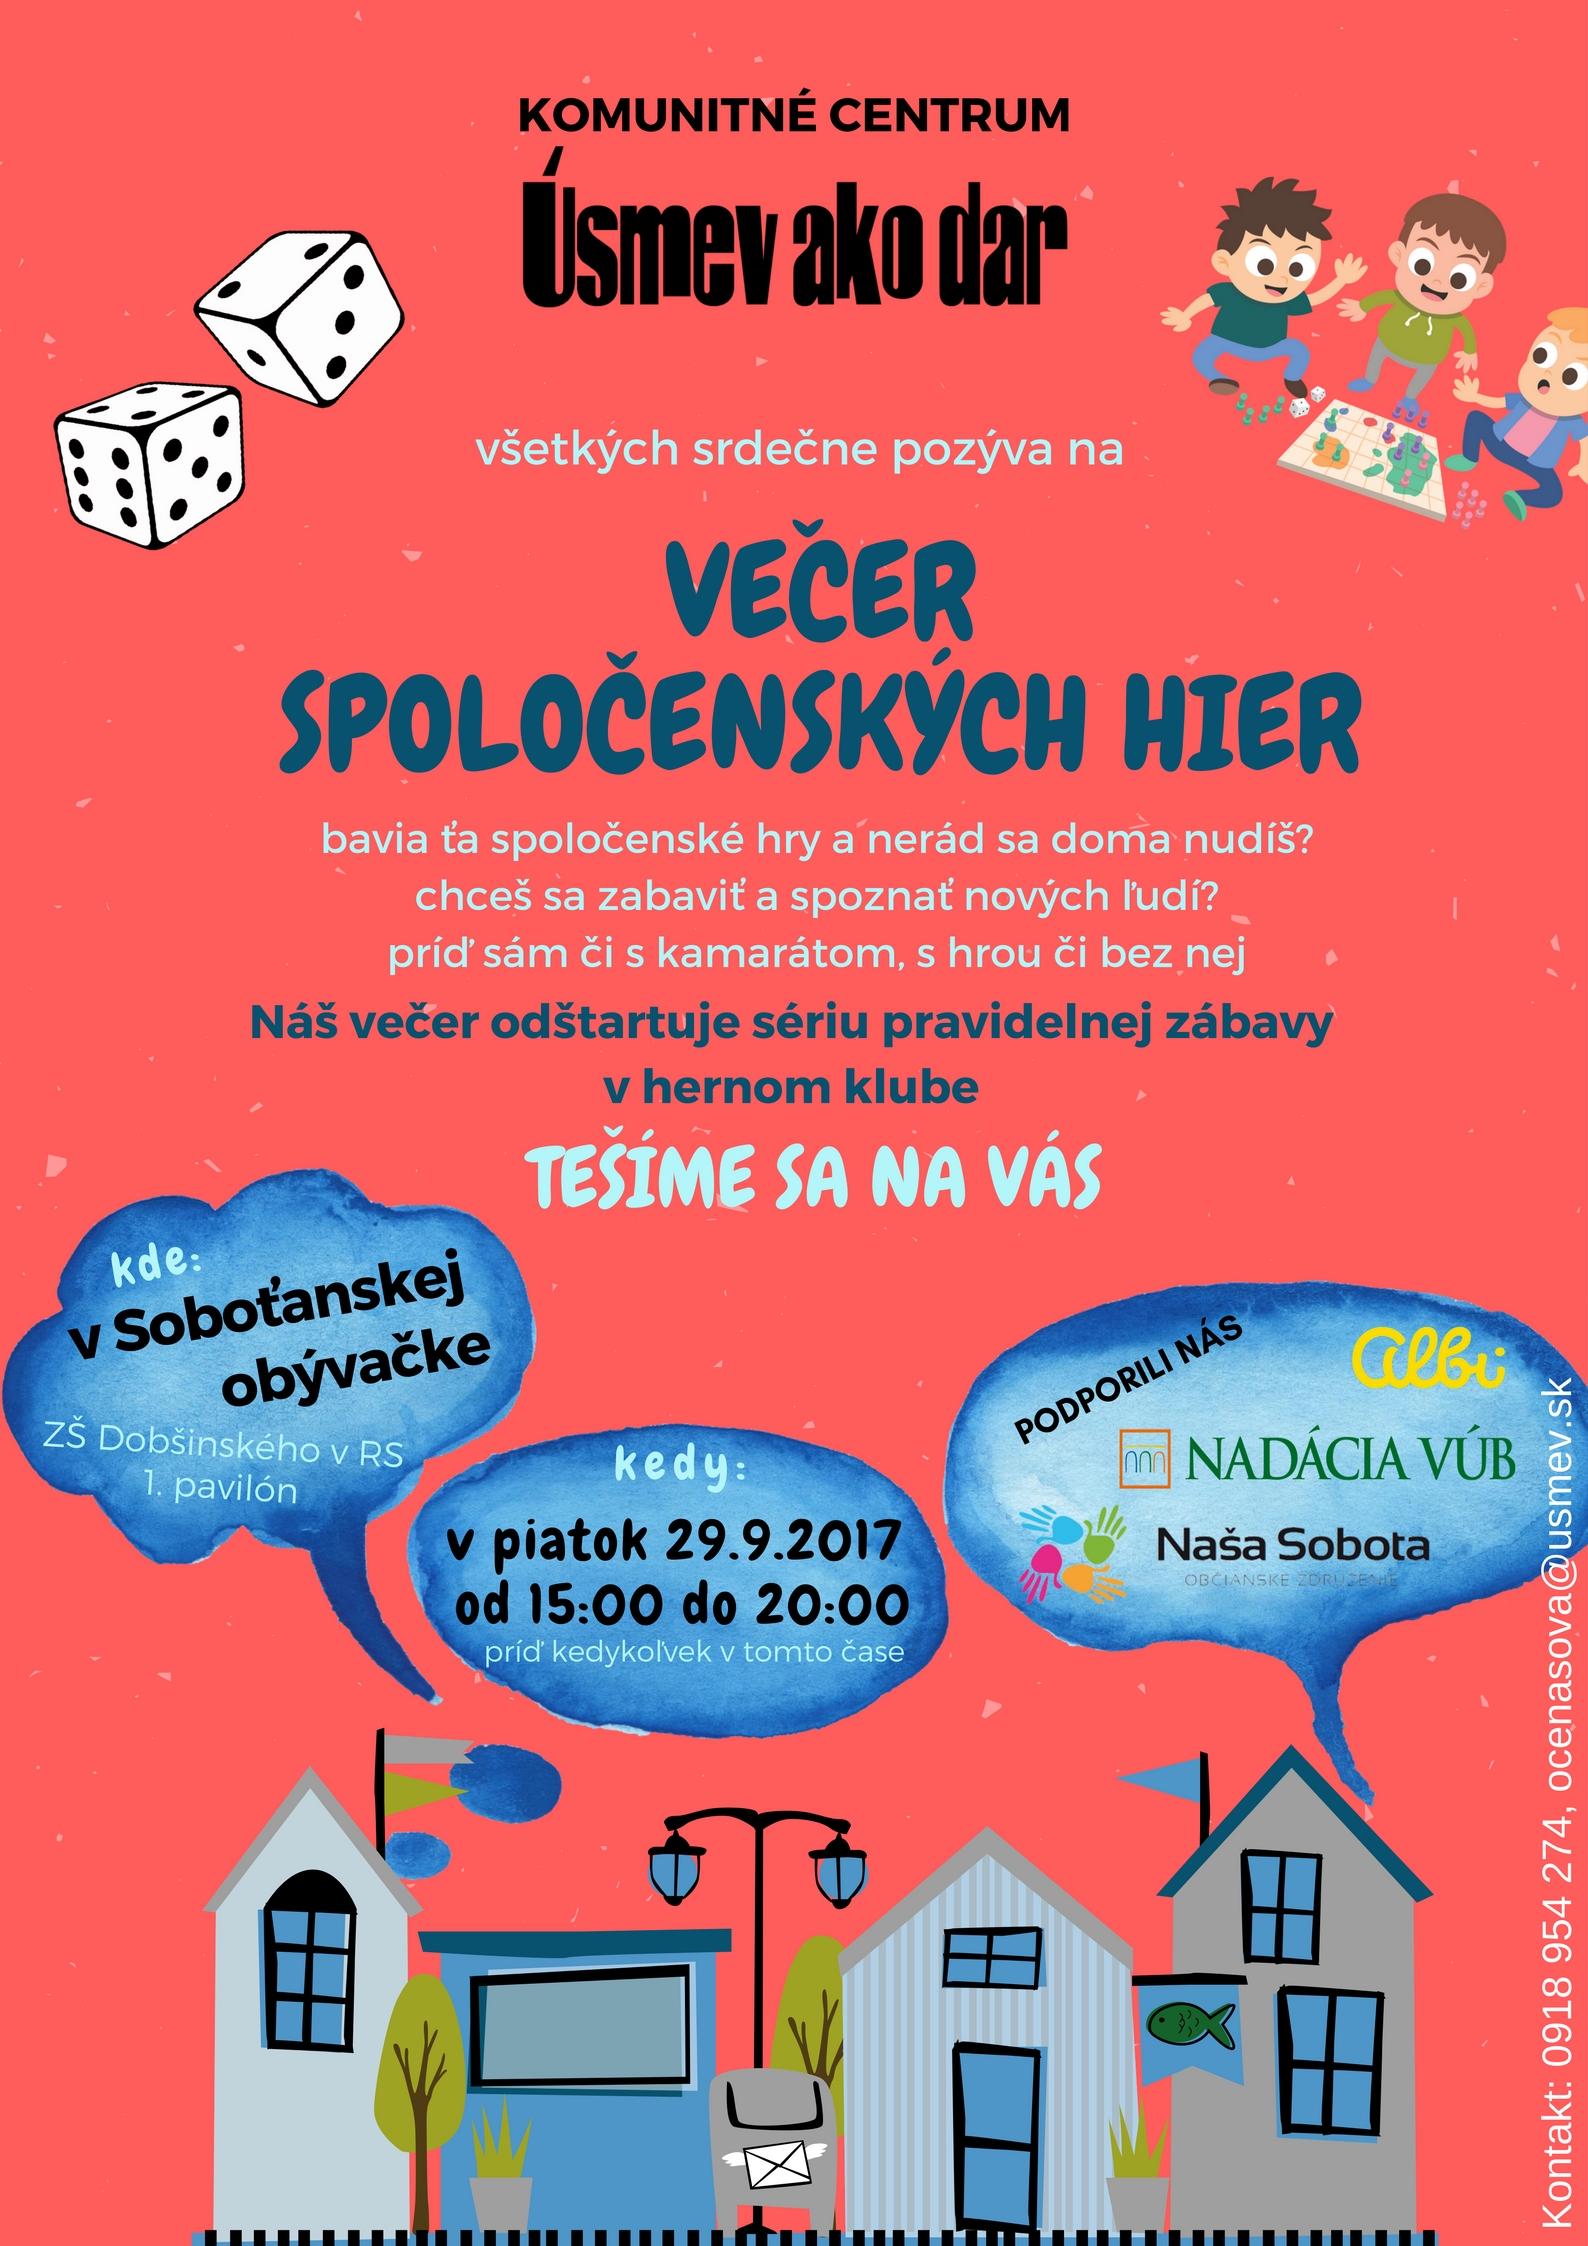 Večer spoločenských hier @ Soboťanská obývačka- ZŠ Dobšinského, 1.pavilón, prvá bránička